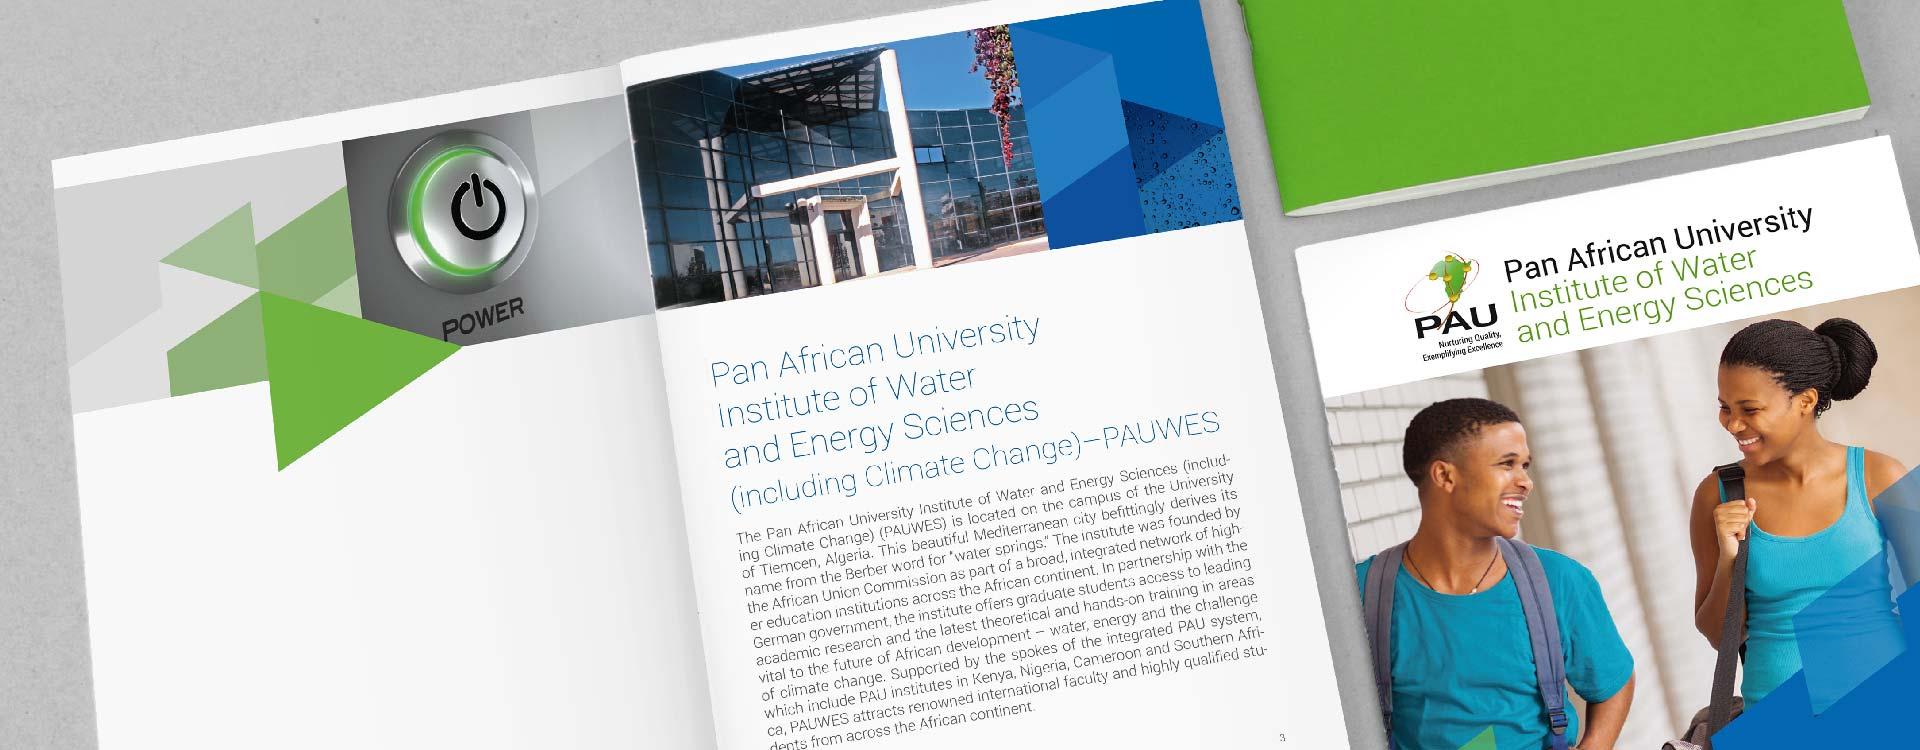 Titel- und Innenseite der Broschüre der Pan African University, Institute of Water and Energy Sciences PAUWES; Design: Kattrin Richter | Büro für Grafikdesign